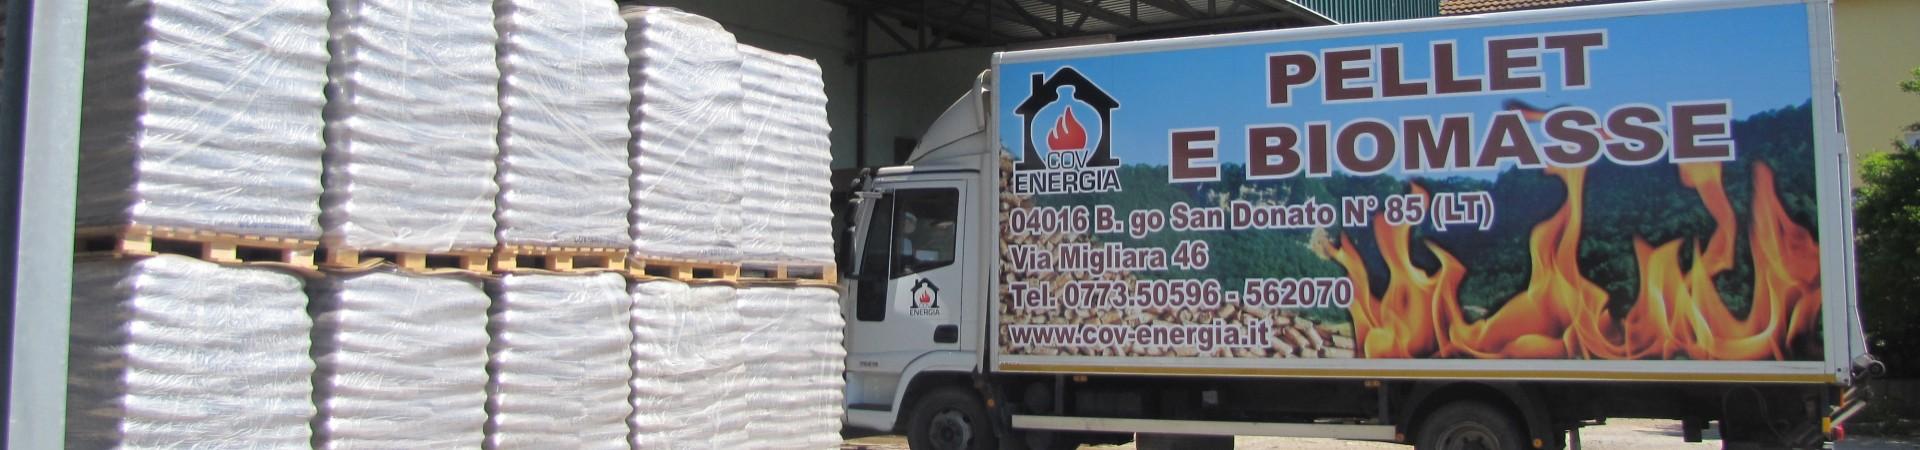 Cov-Energia produzione e vendita pellet